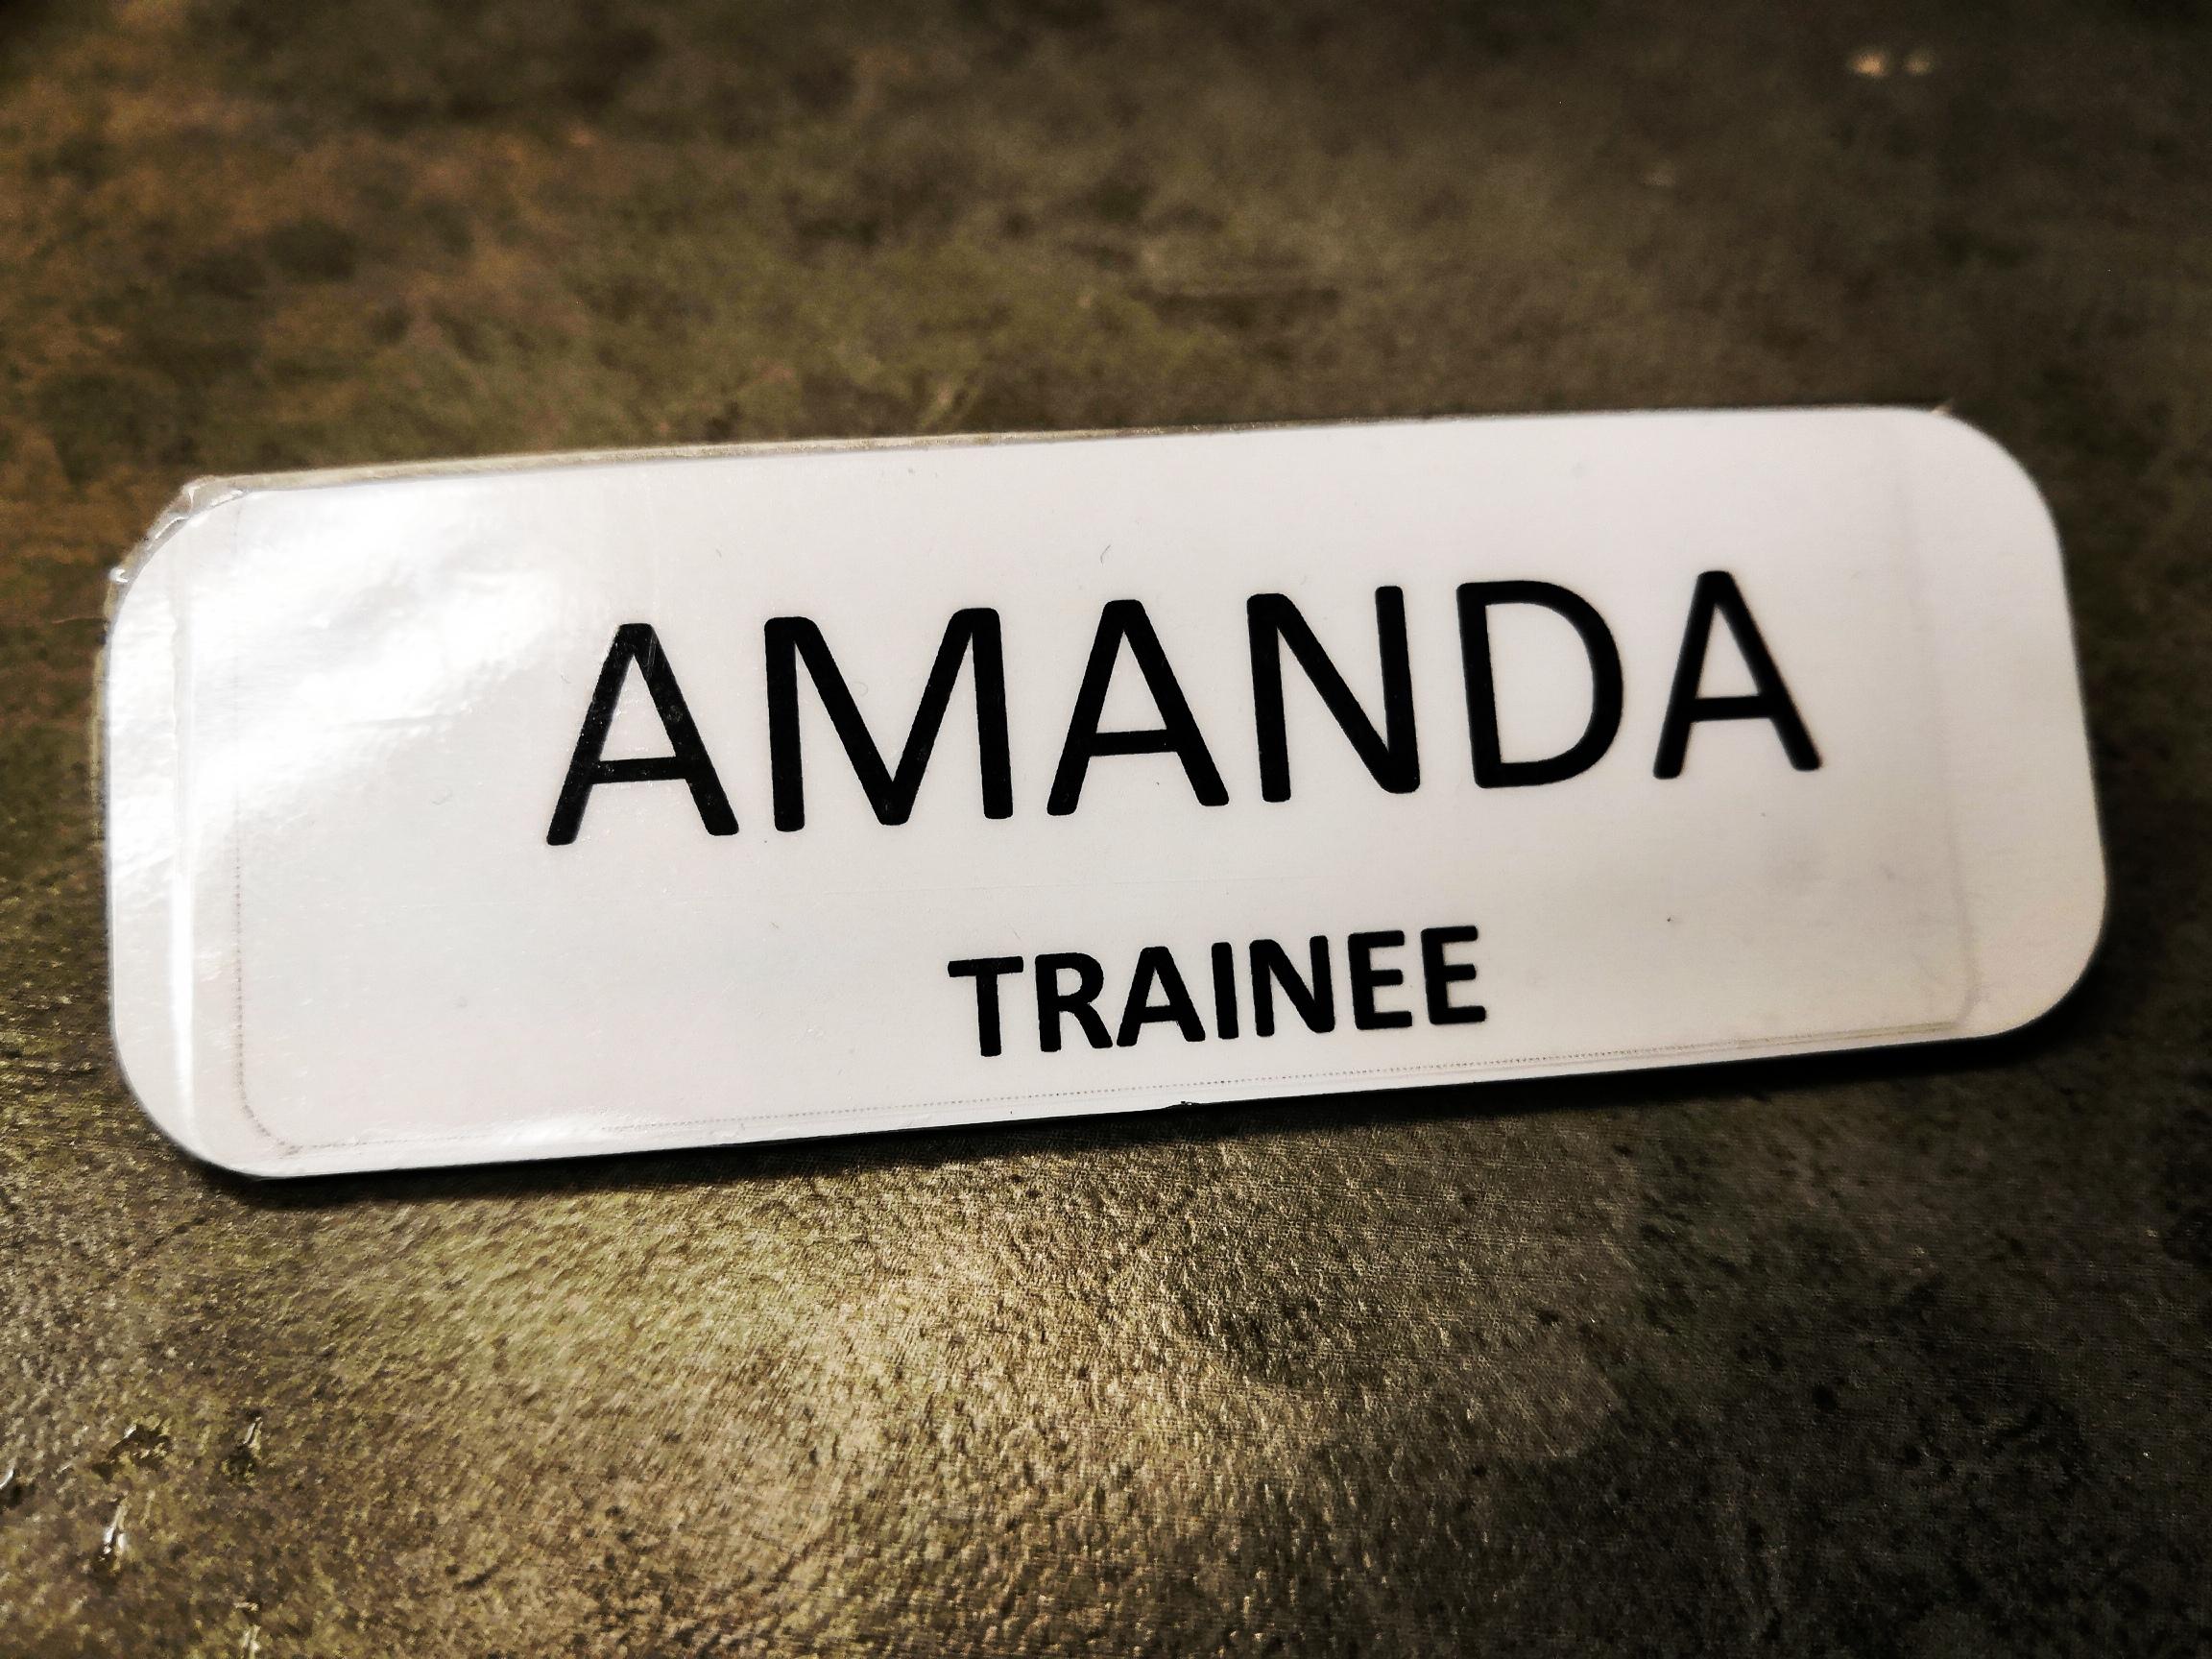 My name tag at my new job in Calgary!